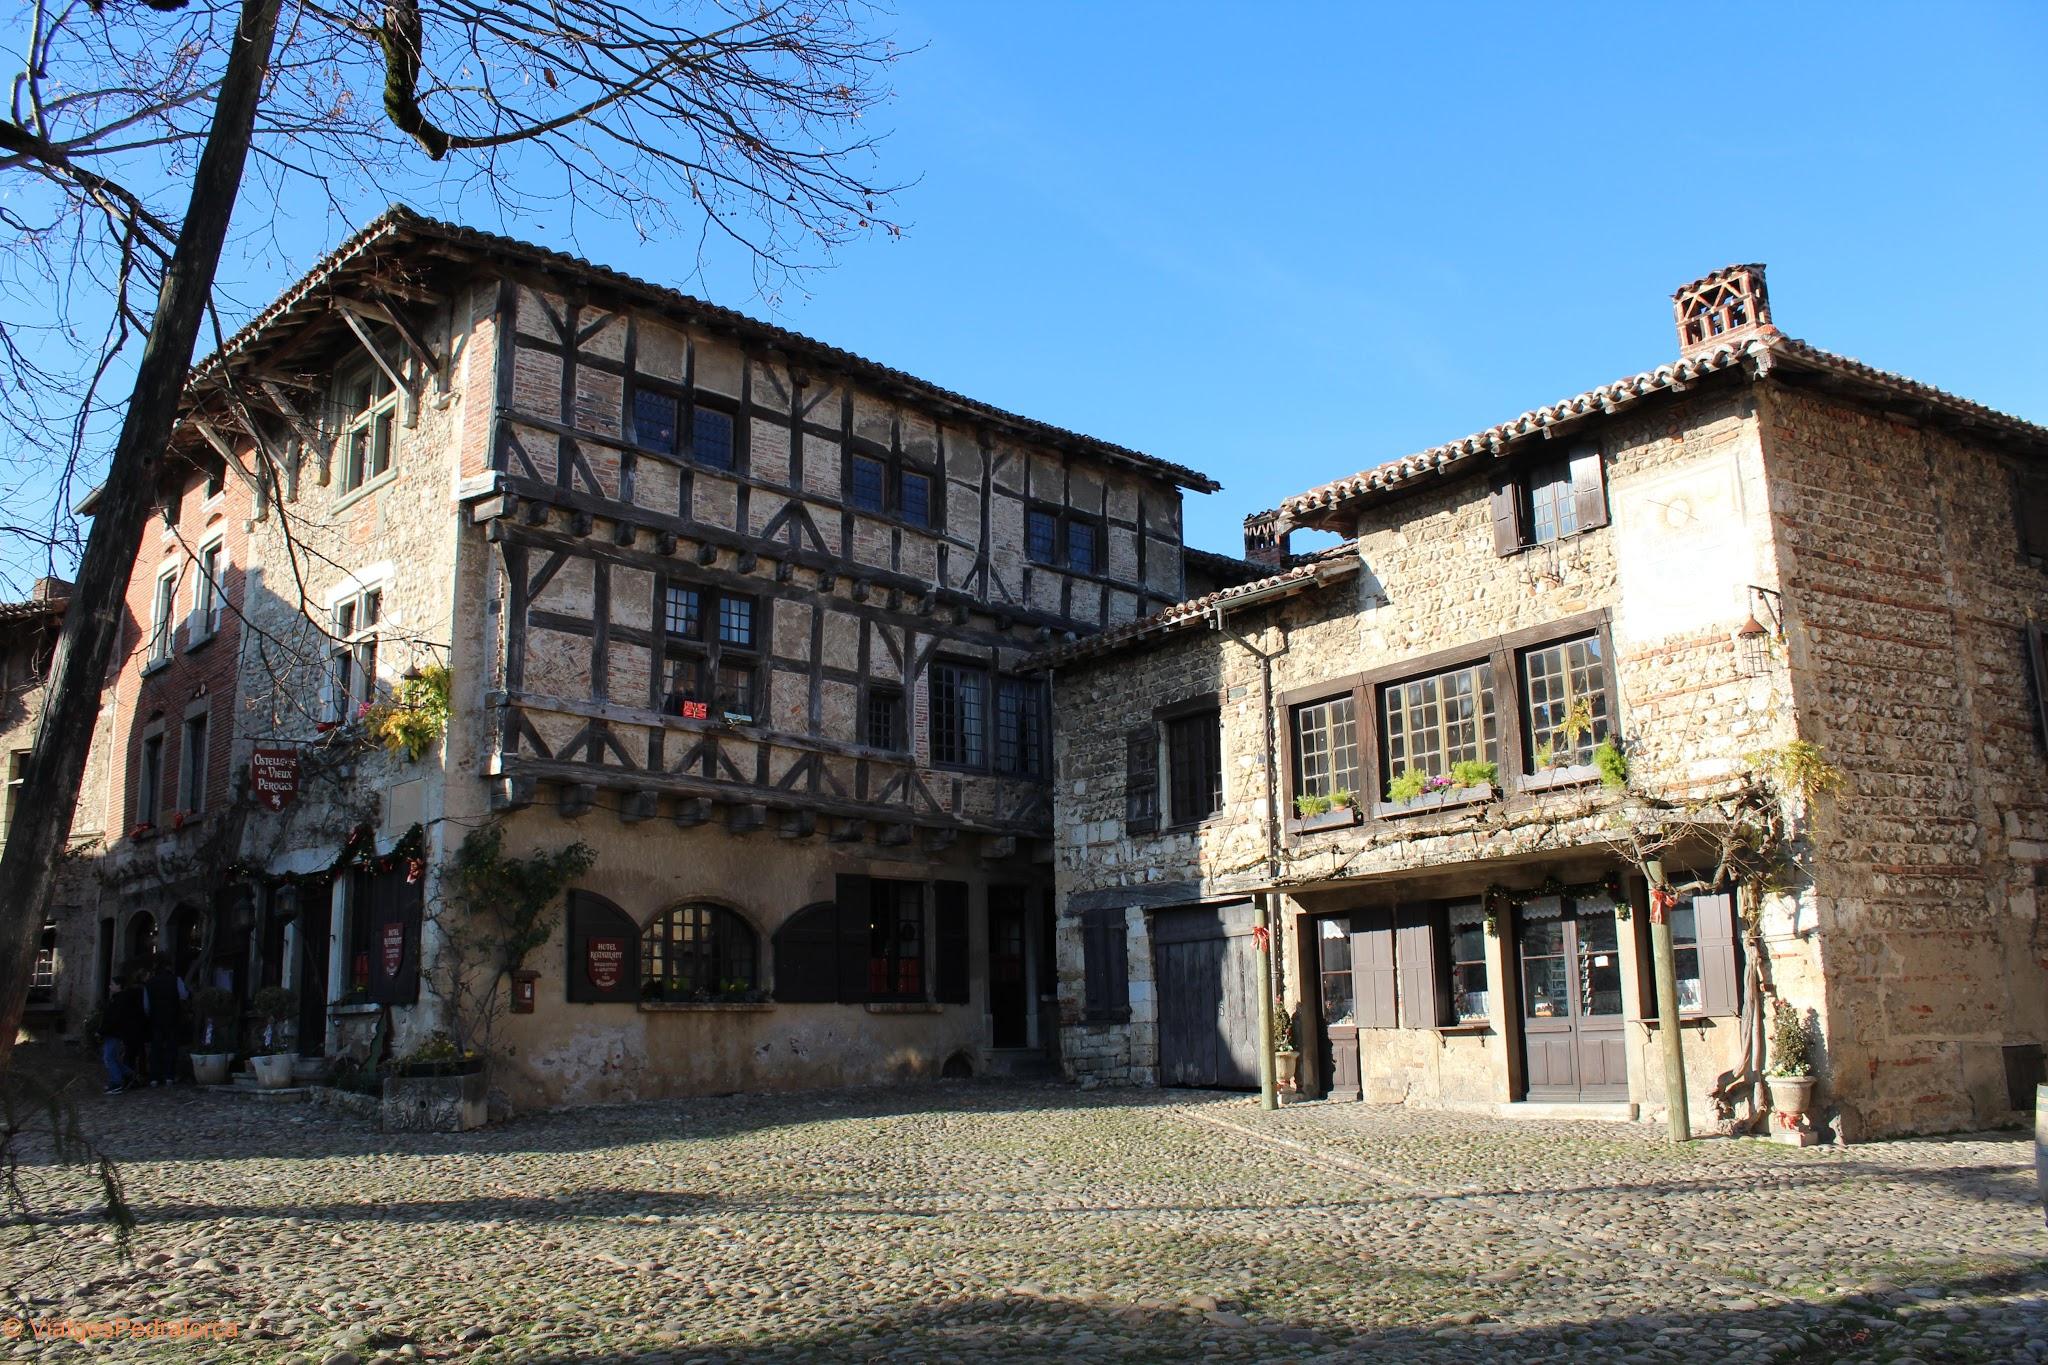 Citè medievale de Pèrouges, Place du Tilleul, Ain, Rhône-Alpes, França